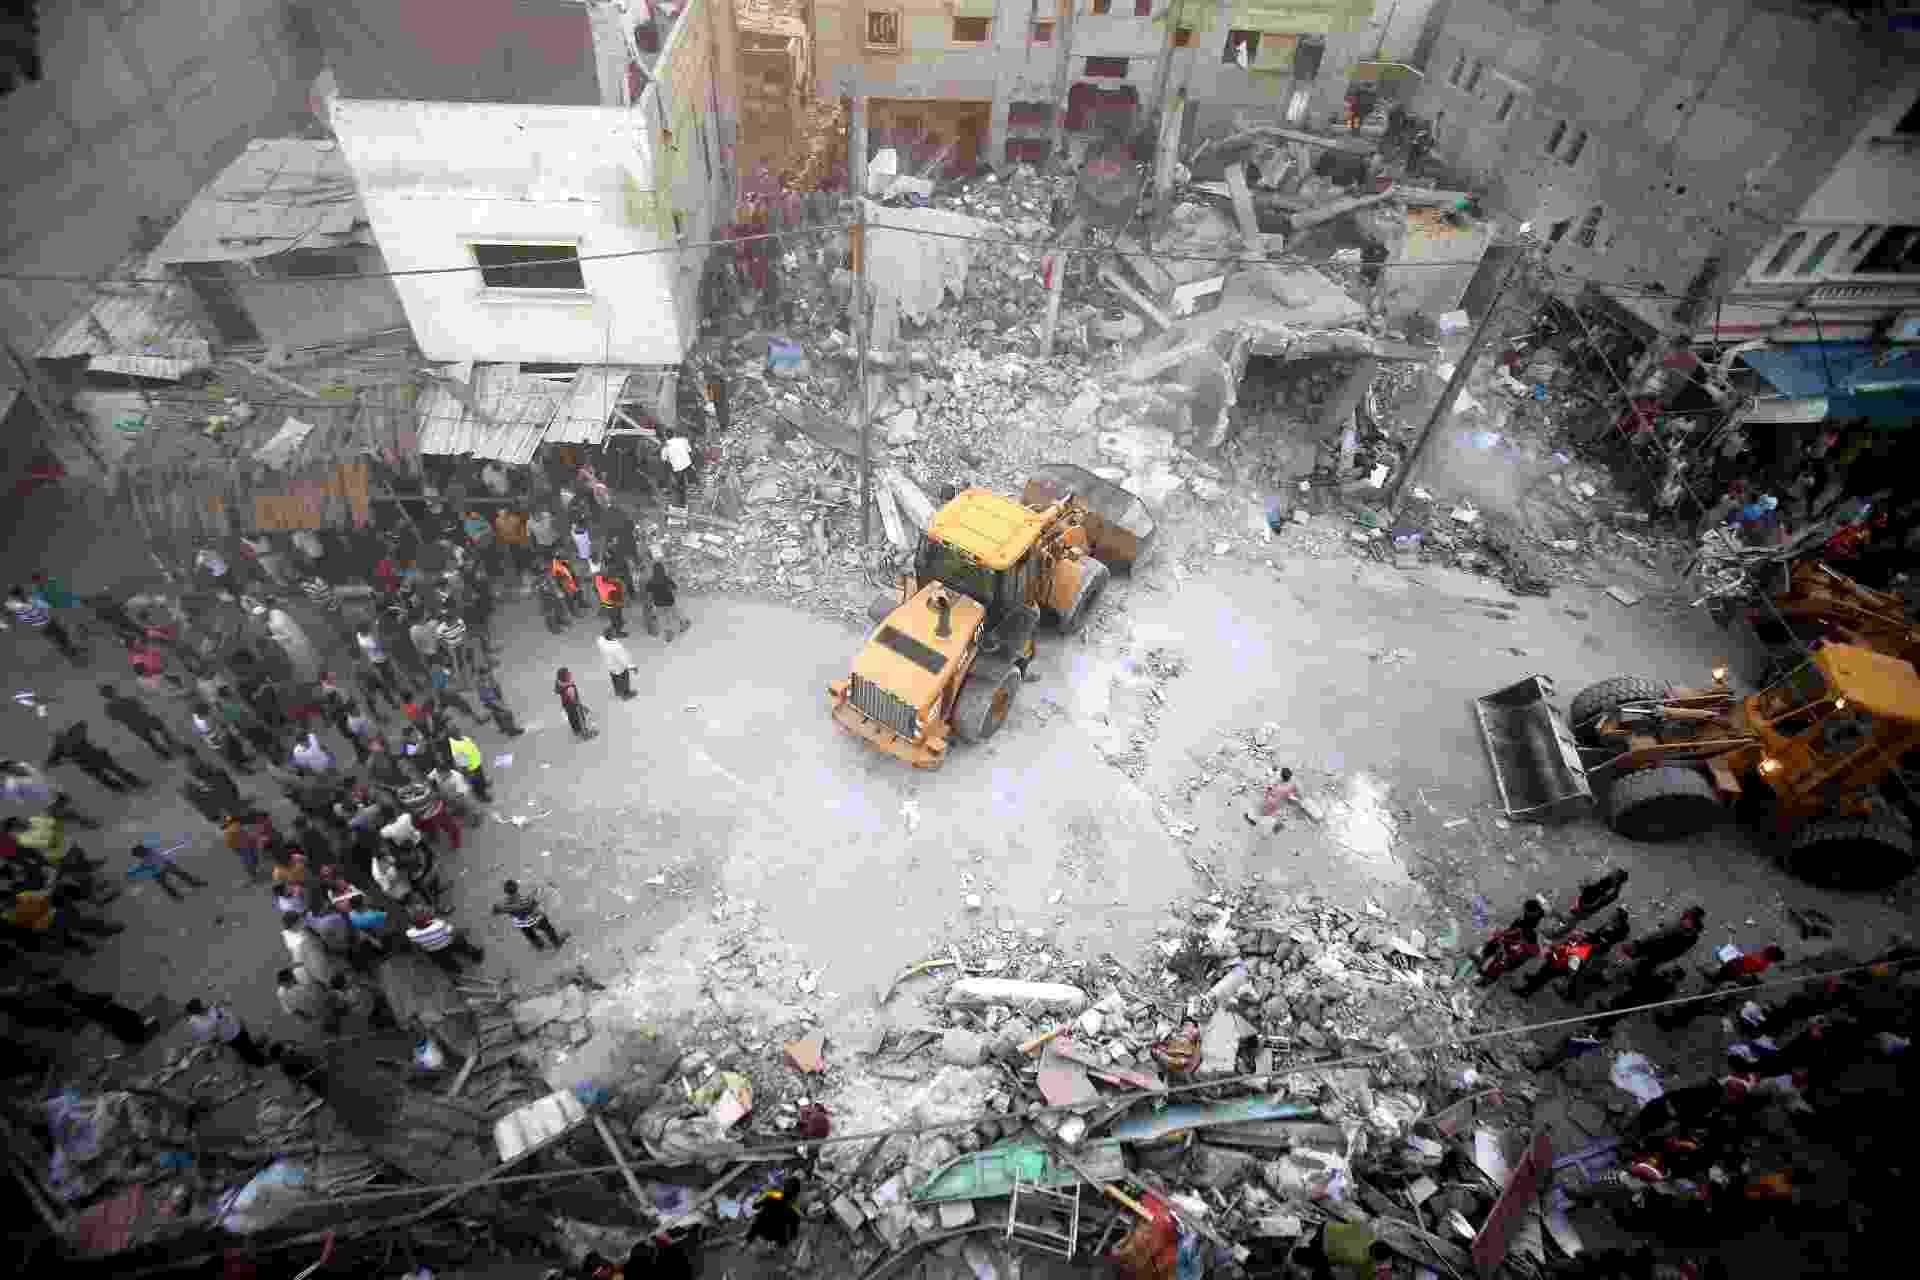 11.jul.2014 - Escavadeira remove os escombros de atingida por ataque aéreo israelense em Rafah, no sul da Faixa de Gaza, nesta sexta-feira (11). Cinco pessoas, incluindo uma mulher e uma criança de sete anos de idade, morreram quando a casa, de um suposto militante do Hamas. Outras 15 pessoas ficaram feridas no ataque, segundo o porta-voz dos serviços de emergência de Gaza - Said Khatib/AFP